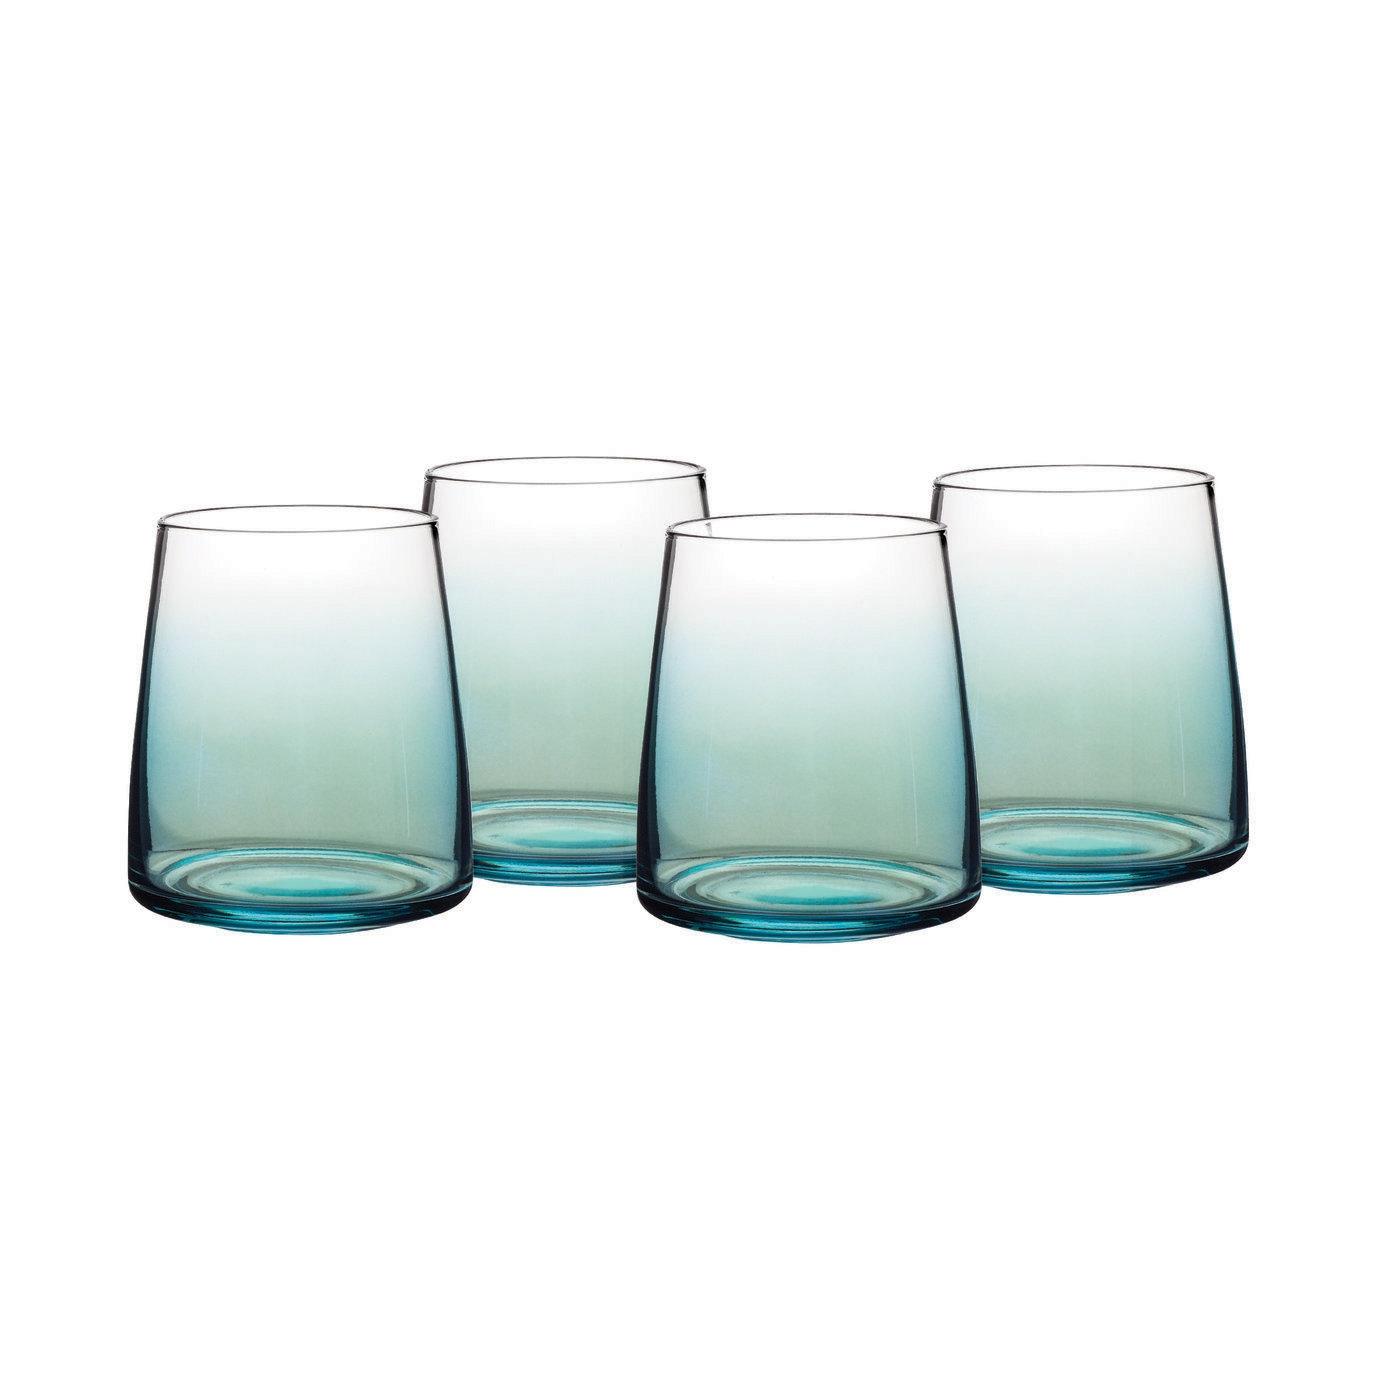 포트메리온 '아트리움' 와인잔 4개 세트 Portmeirion Atrium Stemless Wine Glass Set of 4